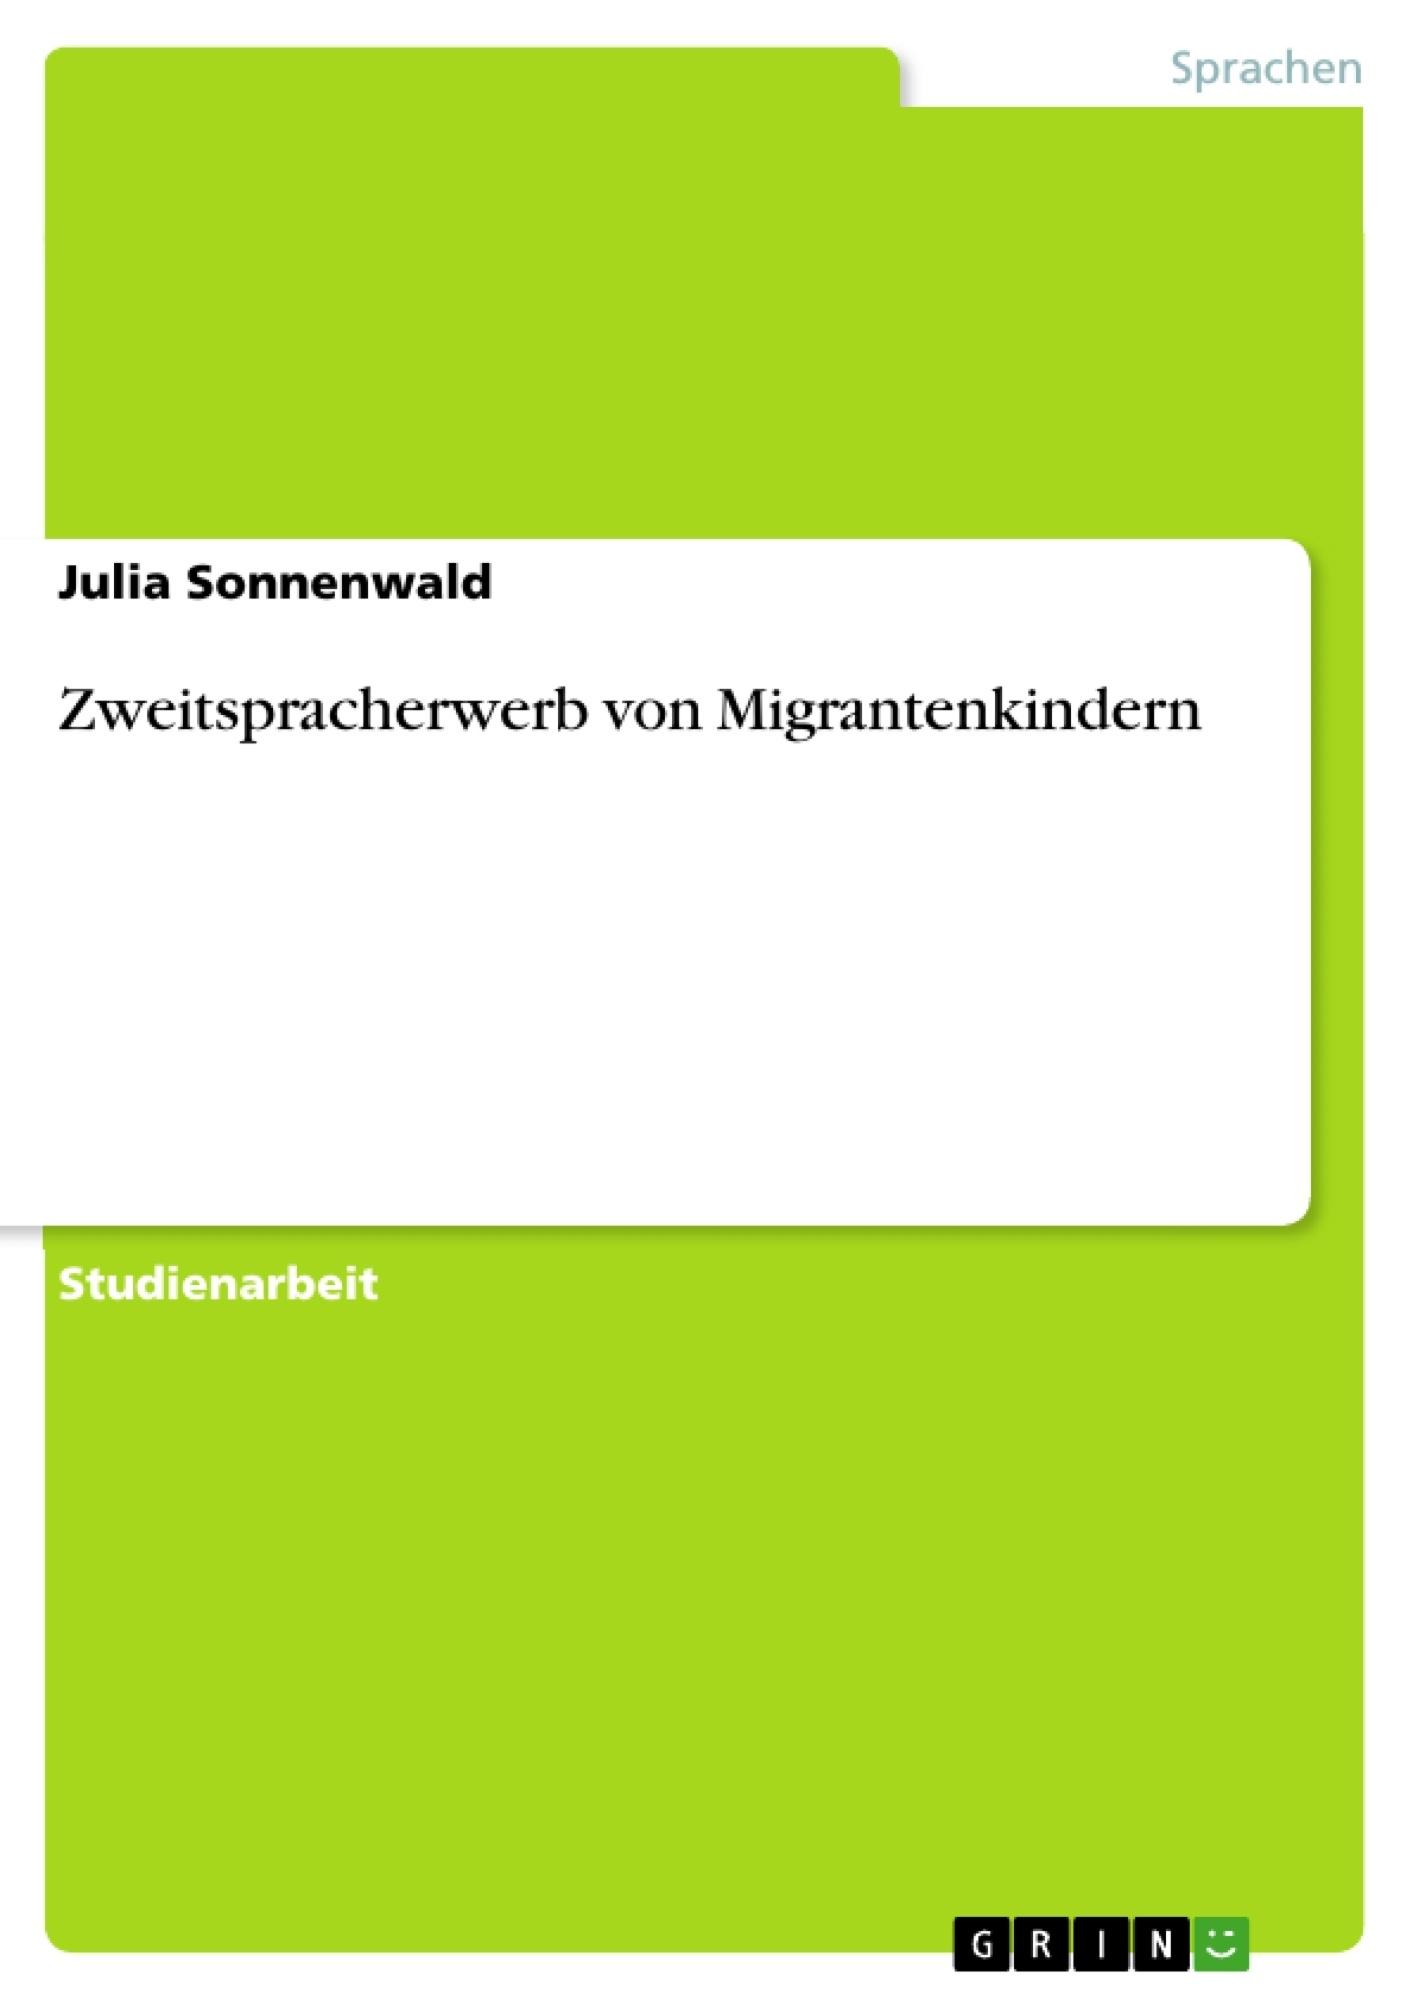 Titel: Zweitspracherwerb von Migrantenkindern